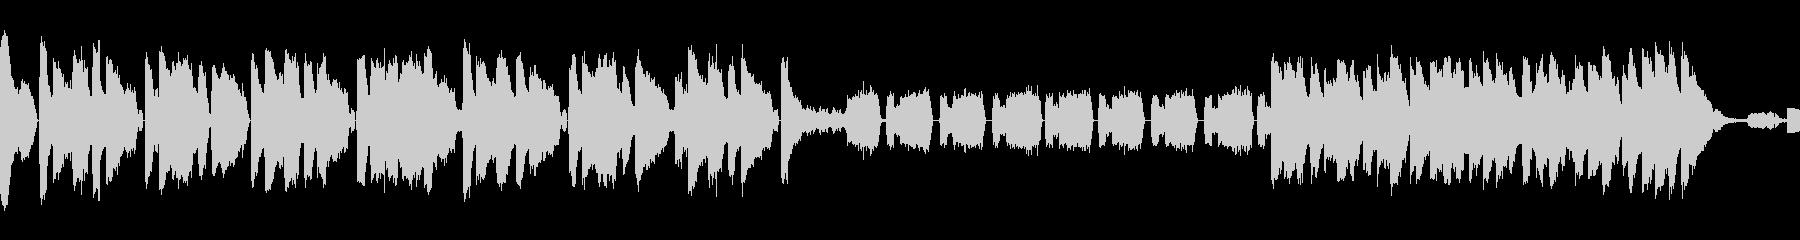 ループ・リズム抜 Future Bassの未再生の波形